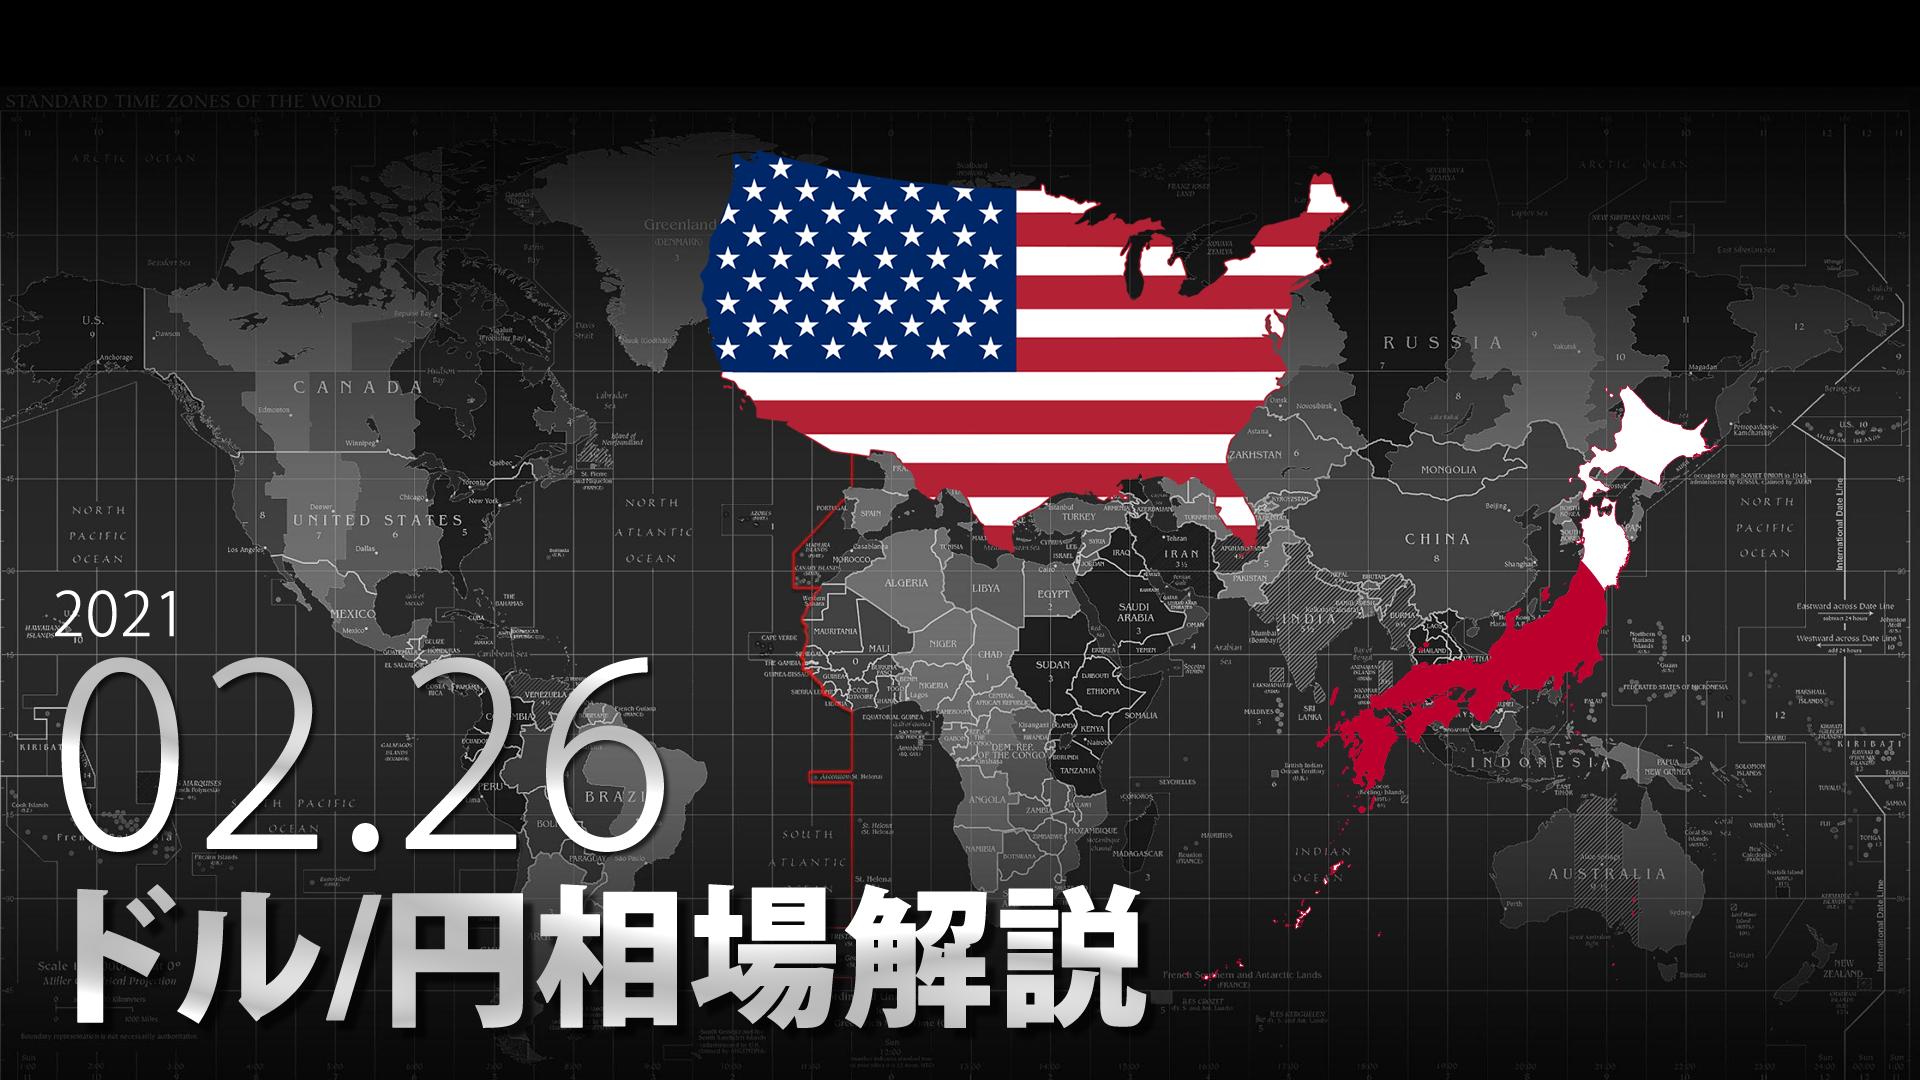 ドル円は米長期金利の上昇を受けて約5か月半ぶりに106.40円前後まで上昇